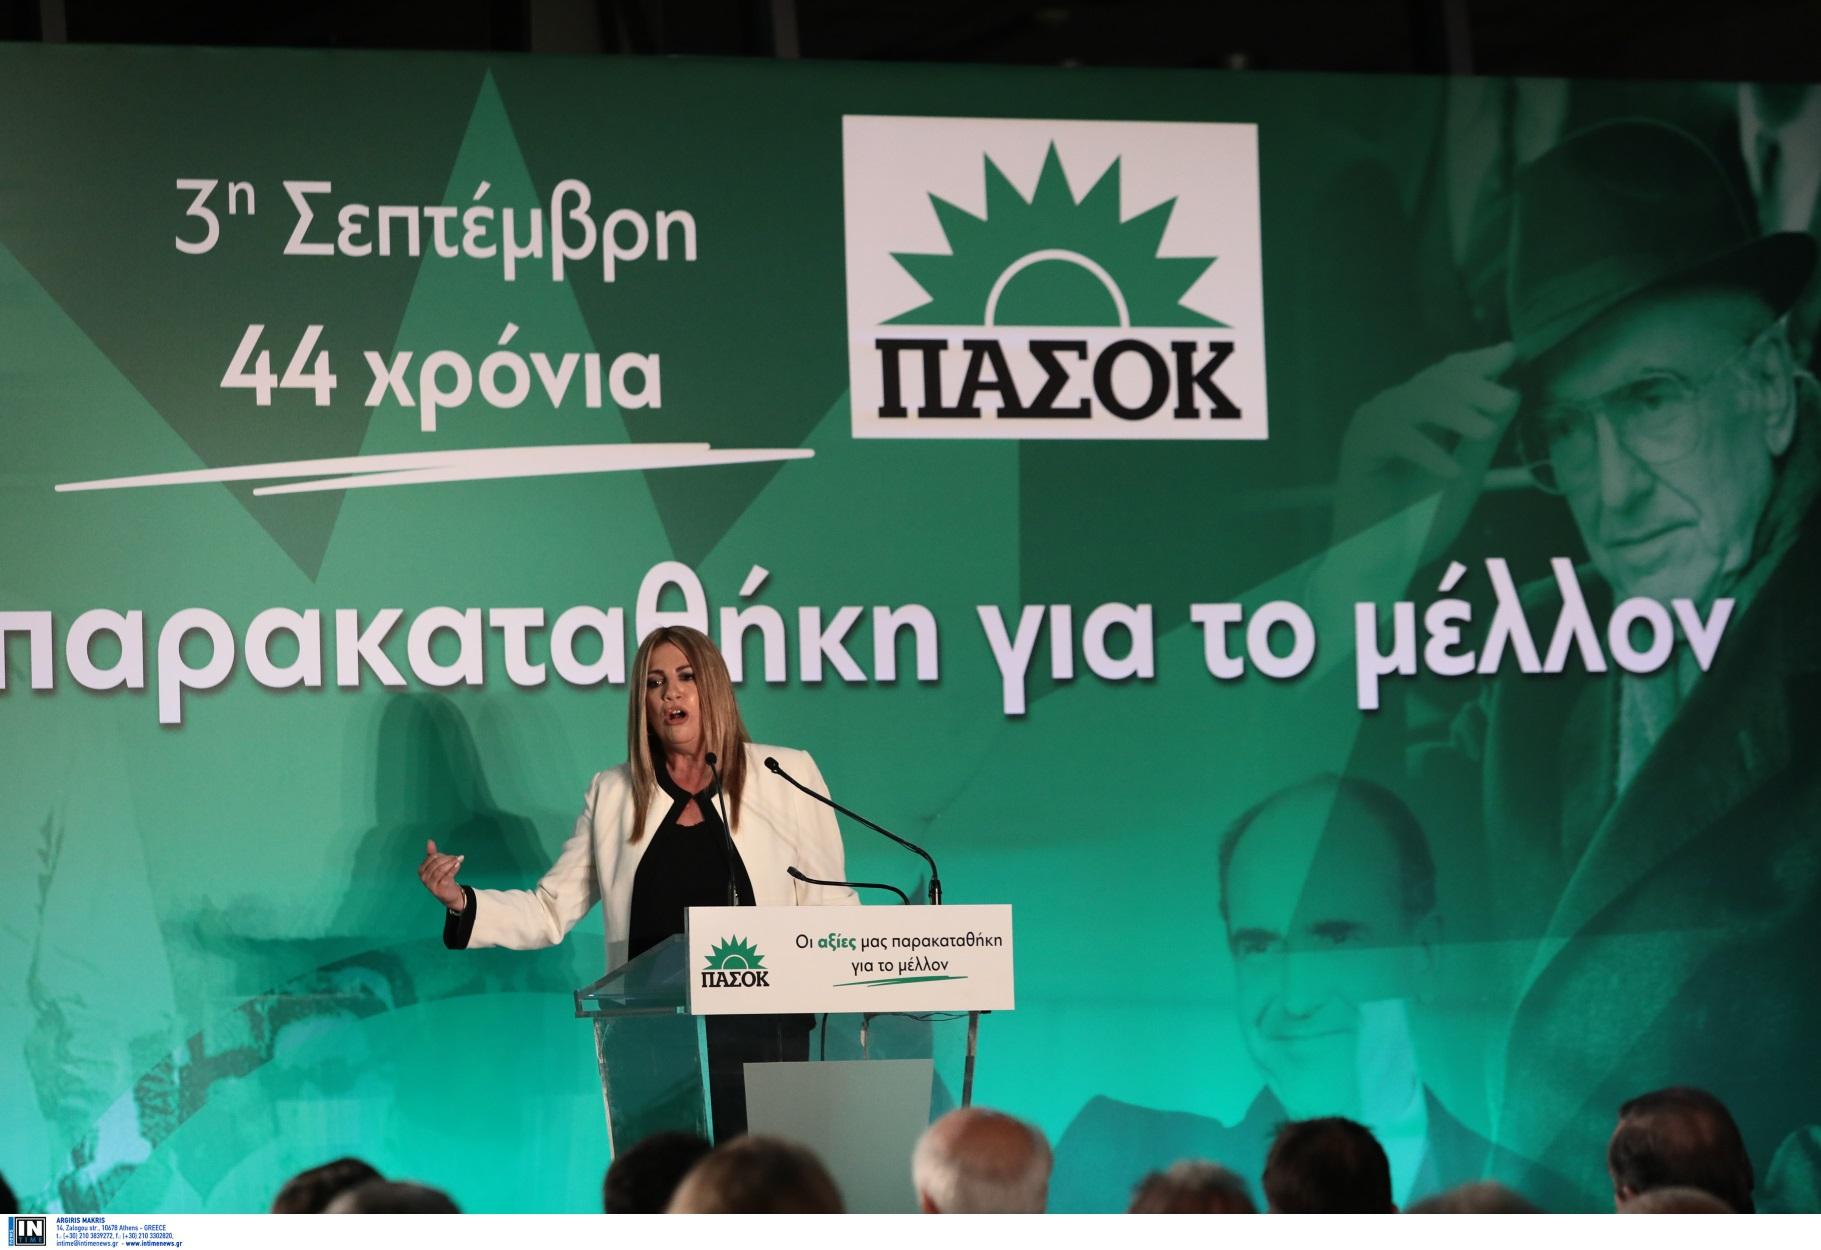 Γεννηματά για τα 24 χρόνια χωρίς τον Ανδρέα Παπανδρέου: Με τον Ανδρέα και το ΠΑΣΟΚ αλλάξαμε την Ελλάδα